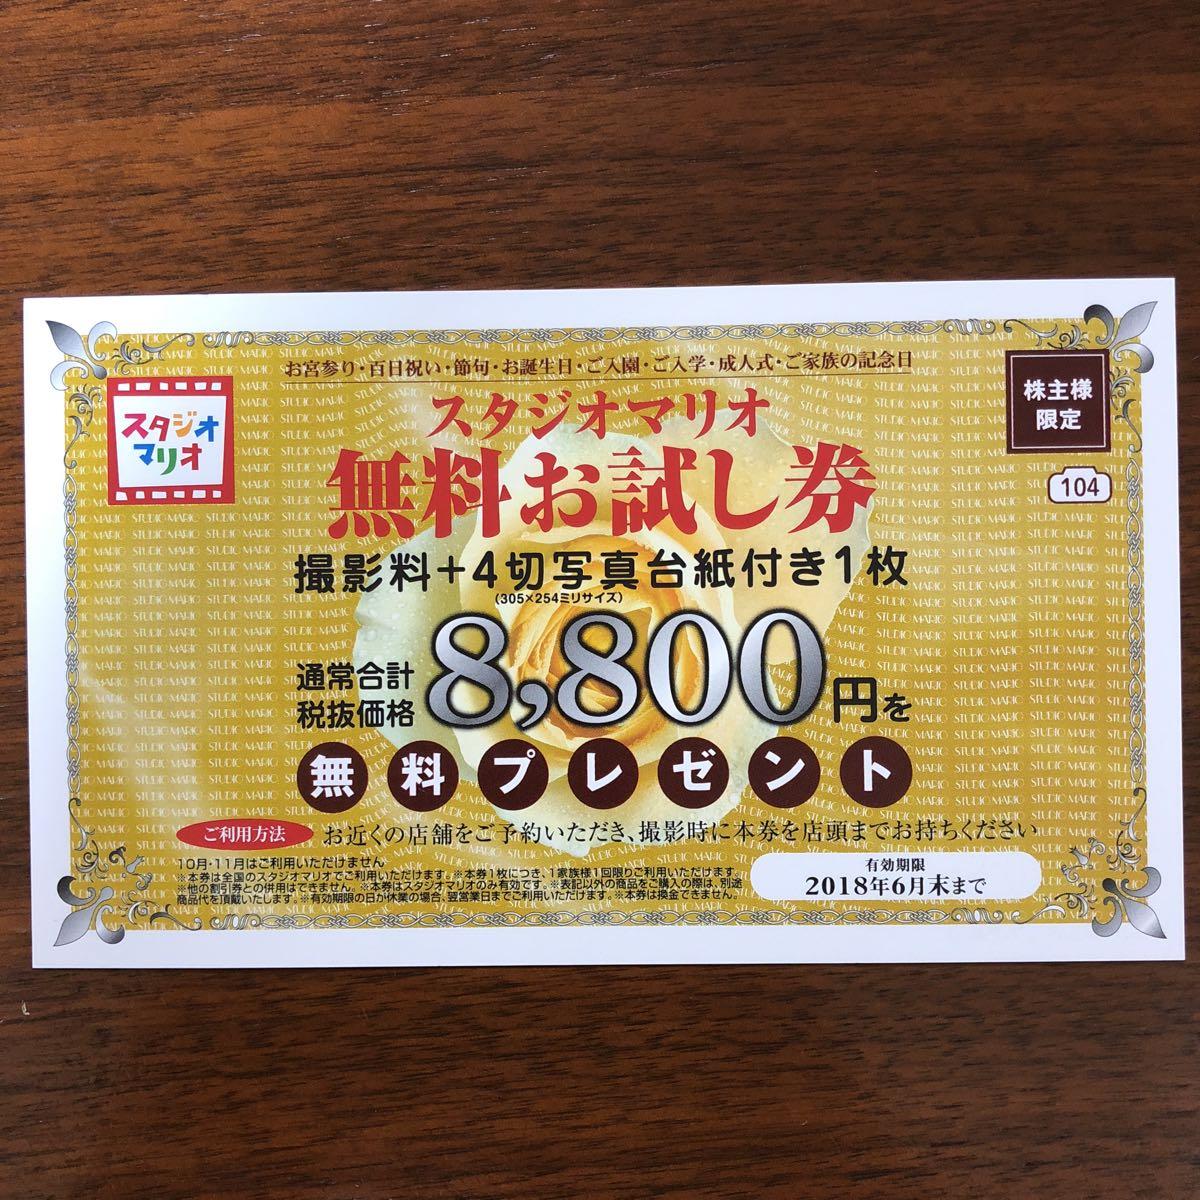 【送料無料】キタムラ 株主優待券 スタジオマリオ 無料お試し券